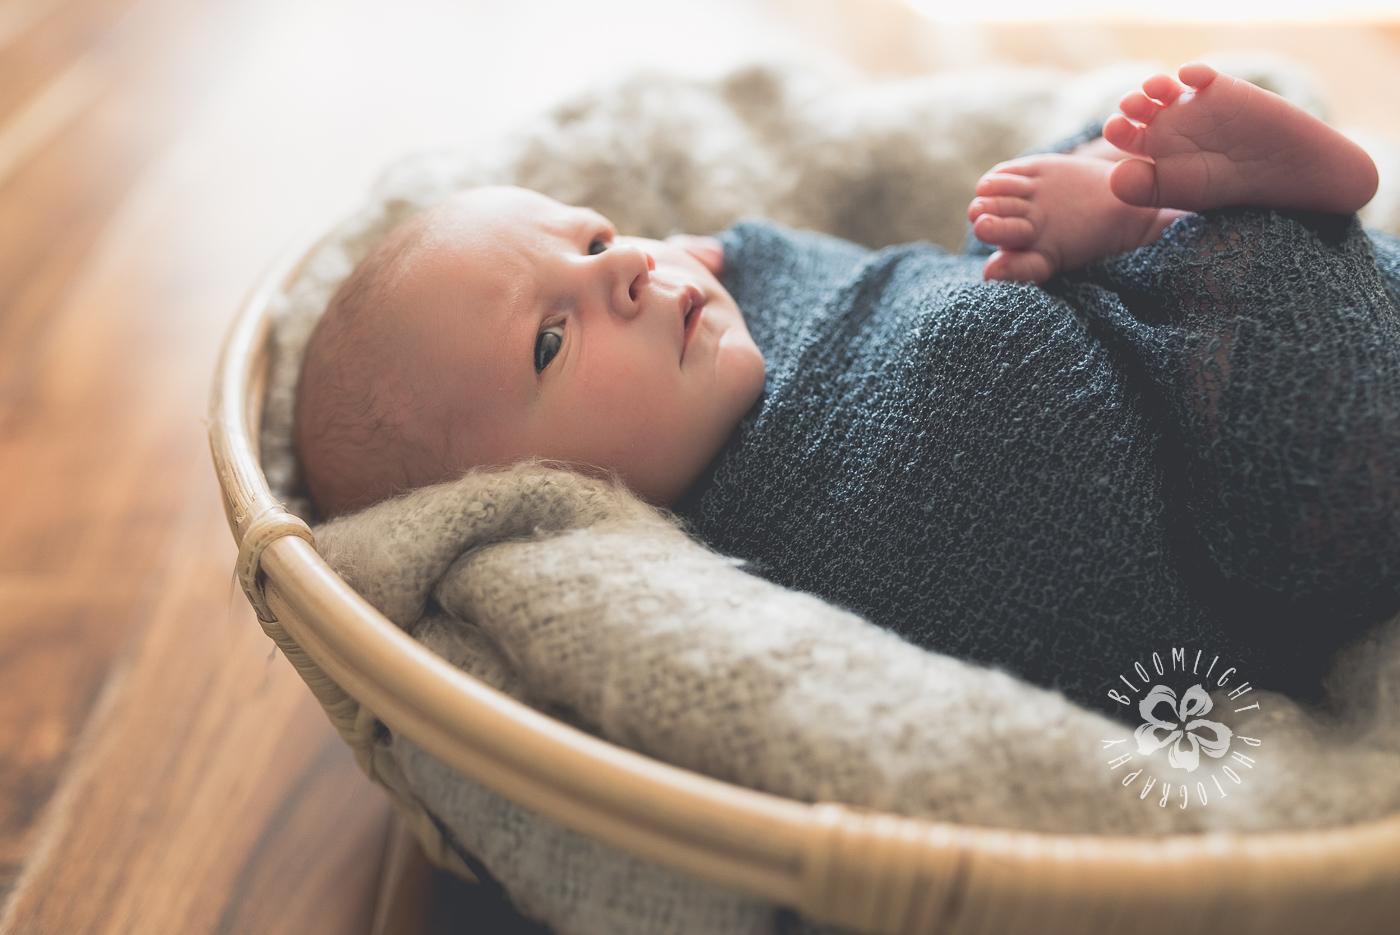 Baby newborn wrapped in dark grey in a wooden basket